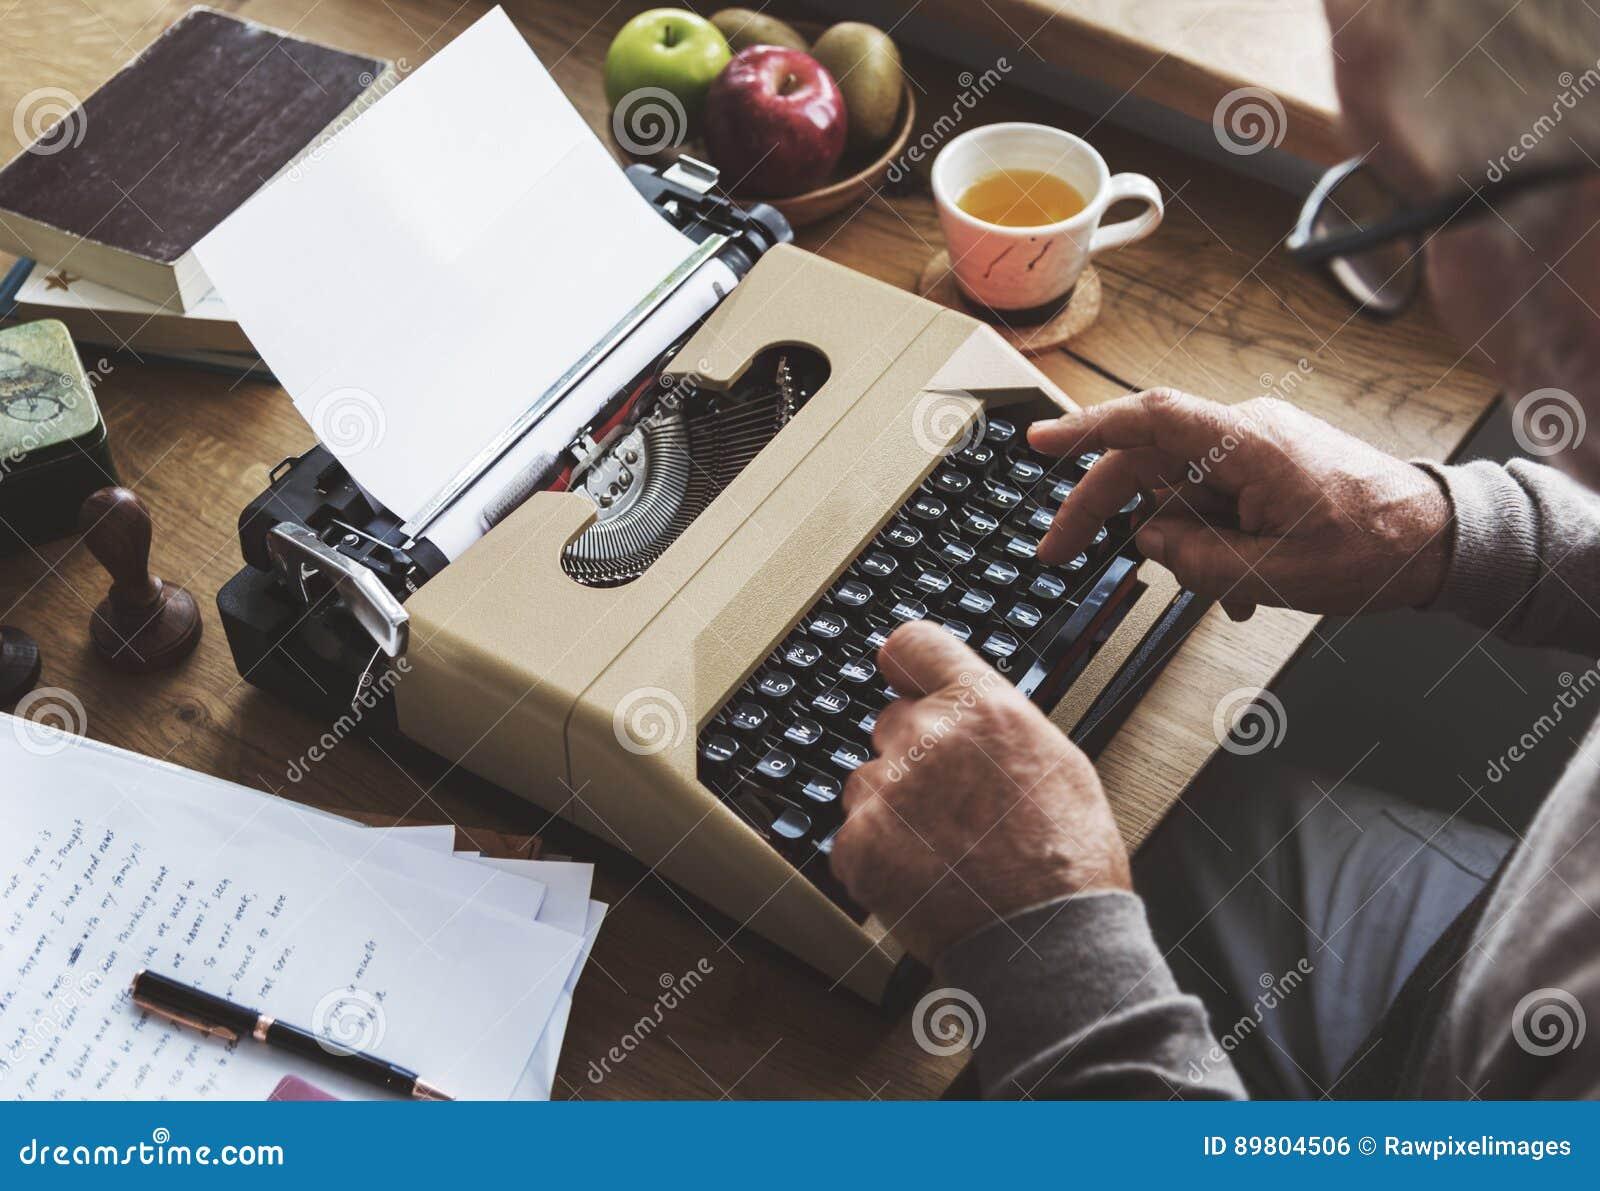 Έννοια σύνδεσης επικοινωνίας αλληλογραφίας ταχυδρομείου επιστολών